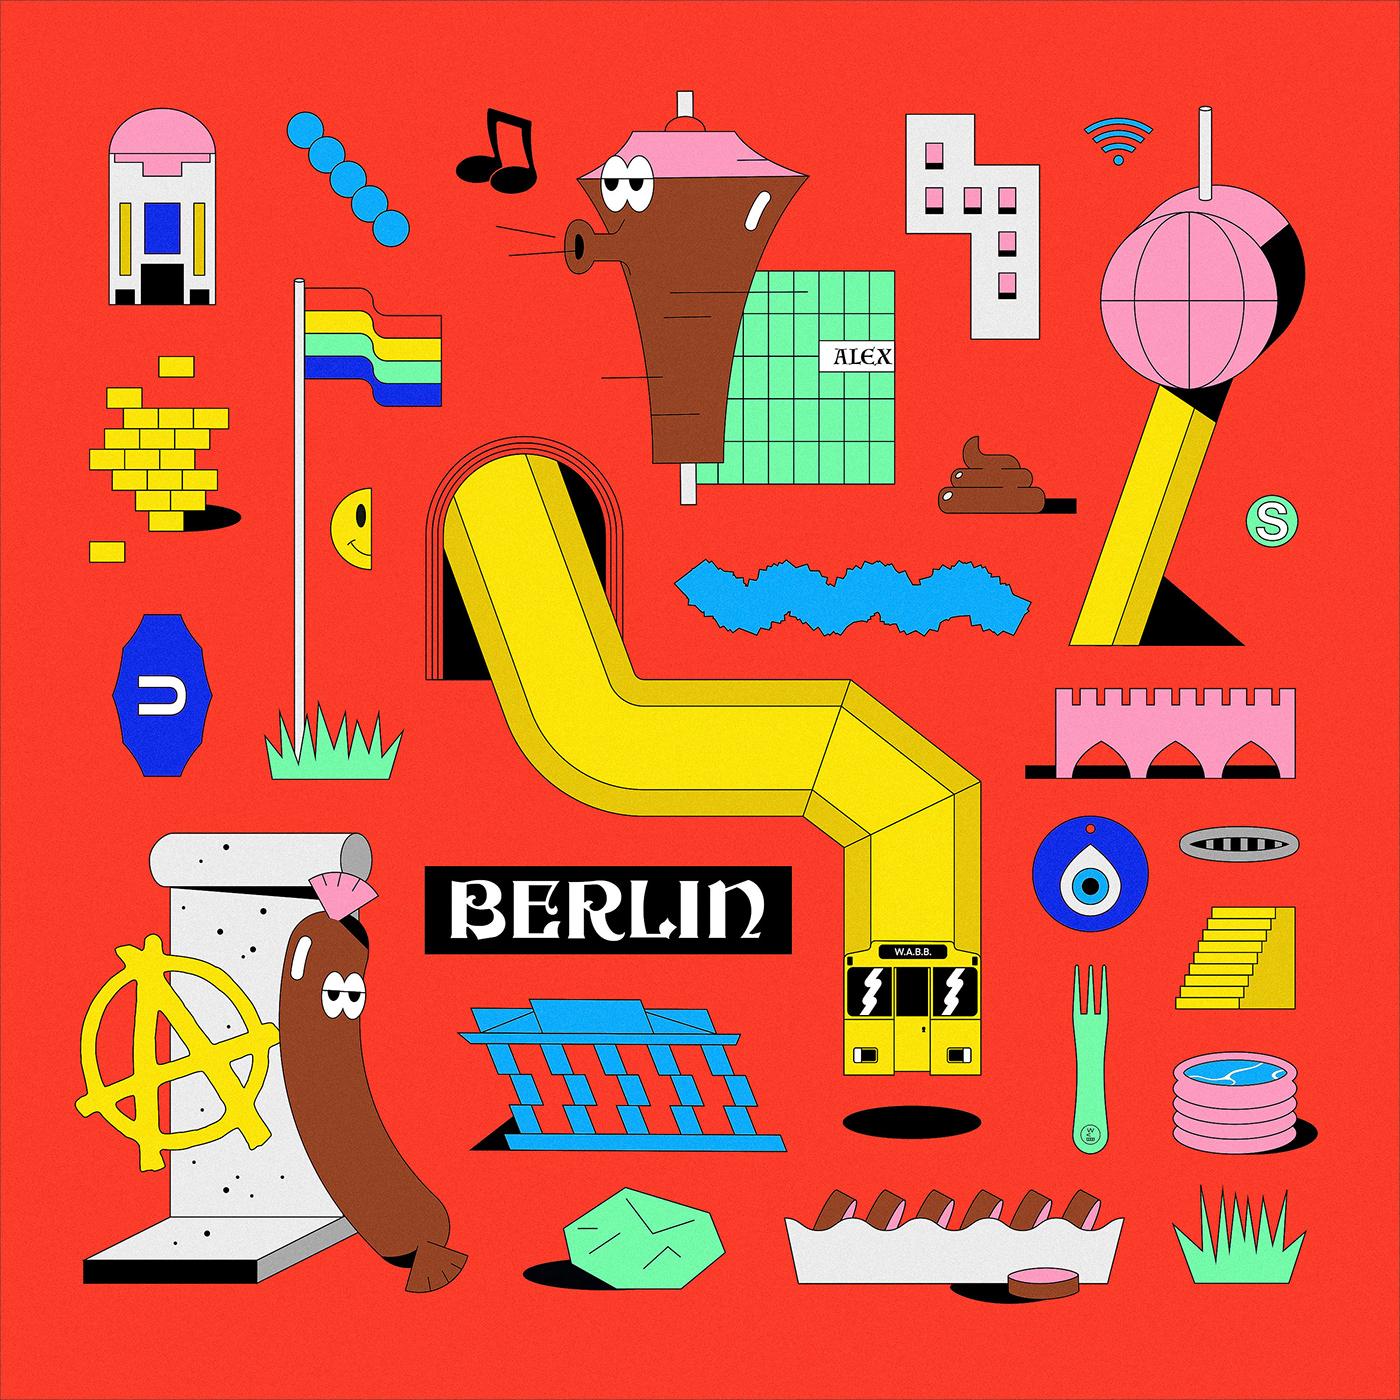 ILLUSTRATION ,berlin,WABB,wearebuerobuero,stefan mückner,Julian Faudt,cover,travelplaylist,Trippin,Cityguide